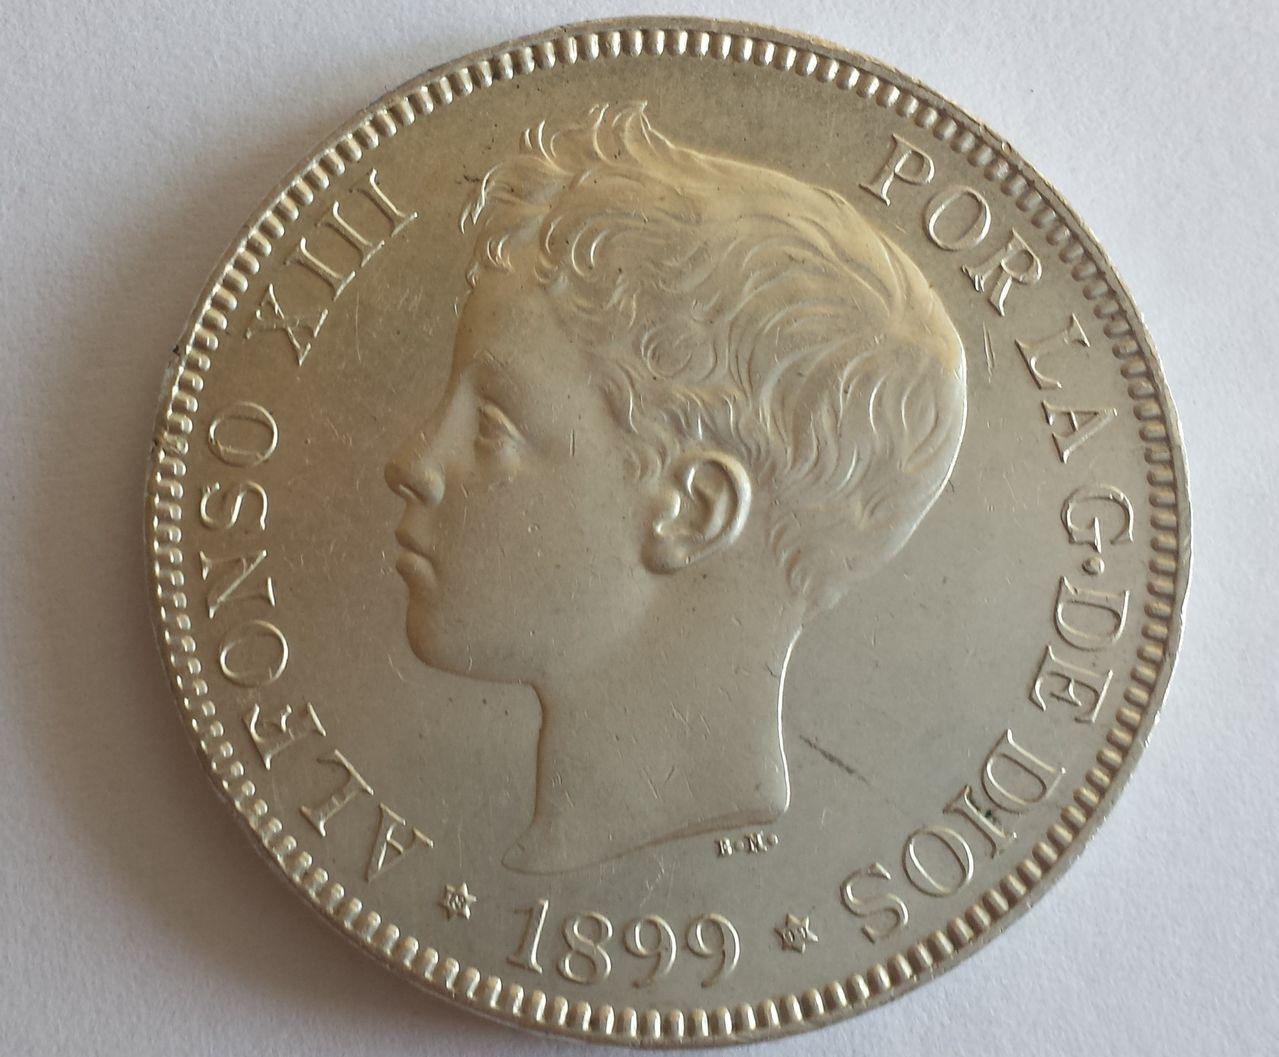 5 pesetas 1899 S-GV 20141024_151020